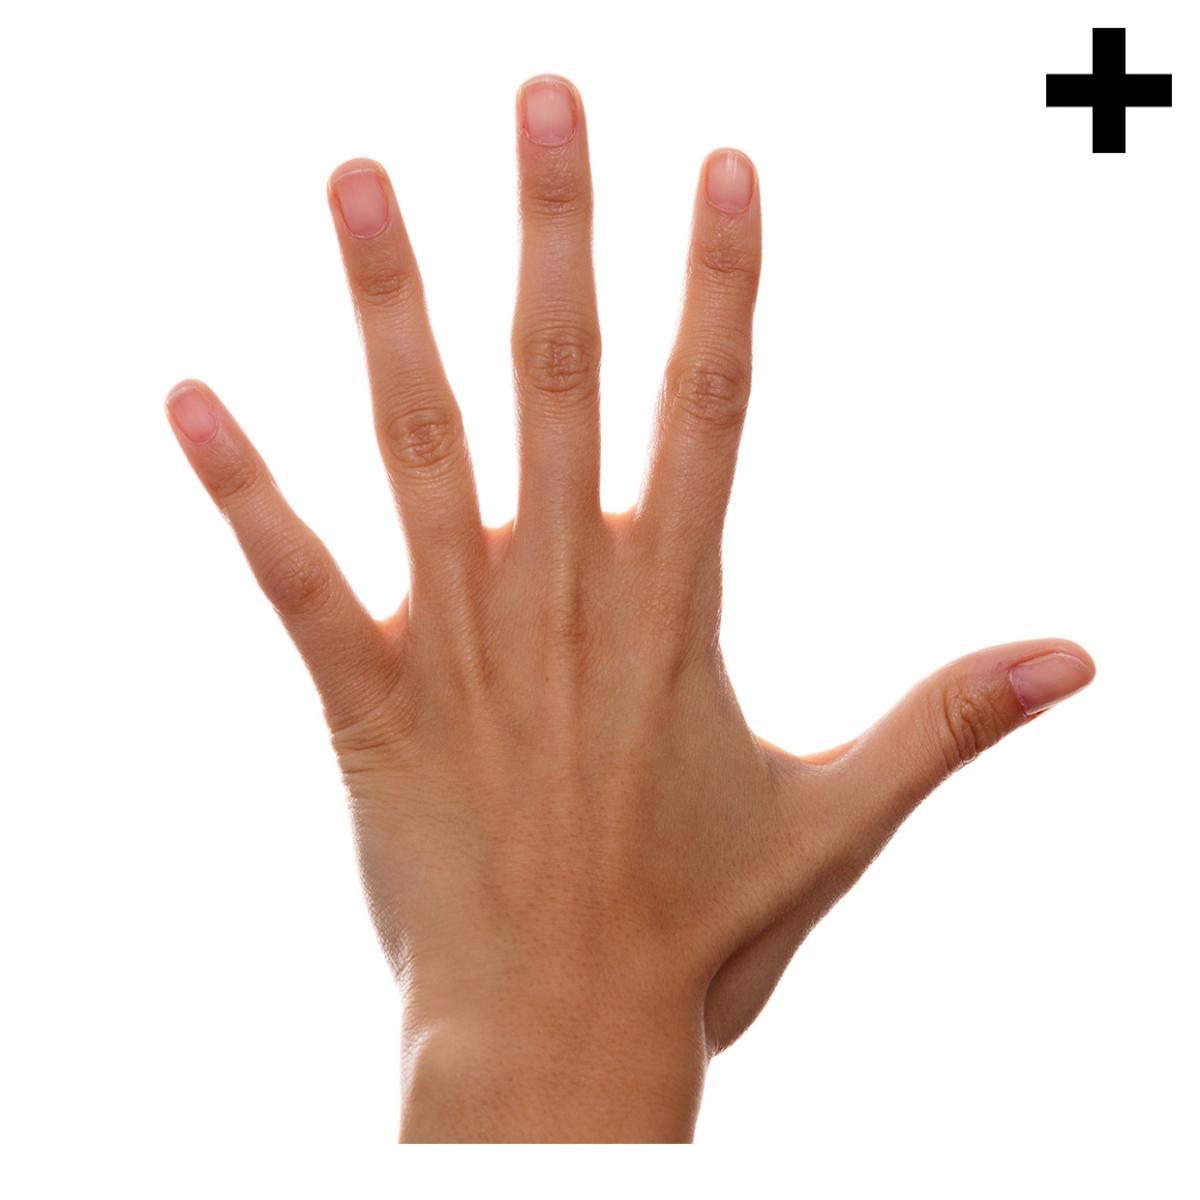 Imagen en la que se ve el plural del concepto mano